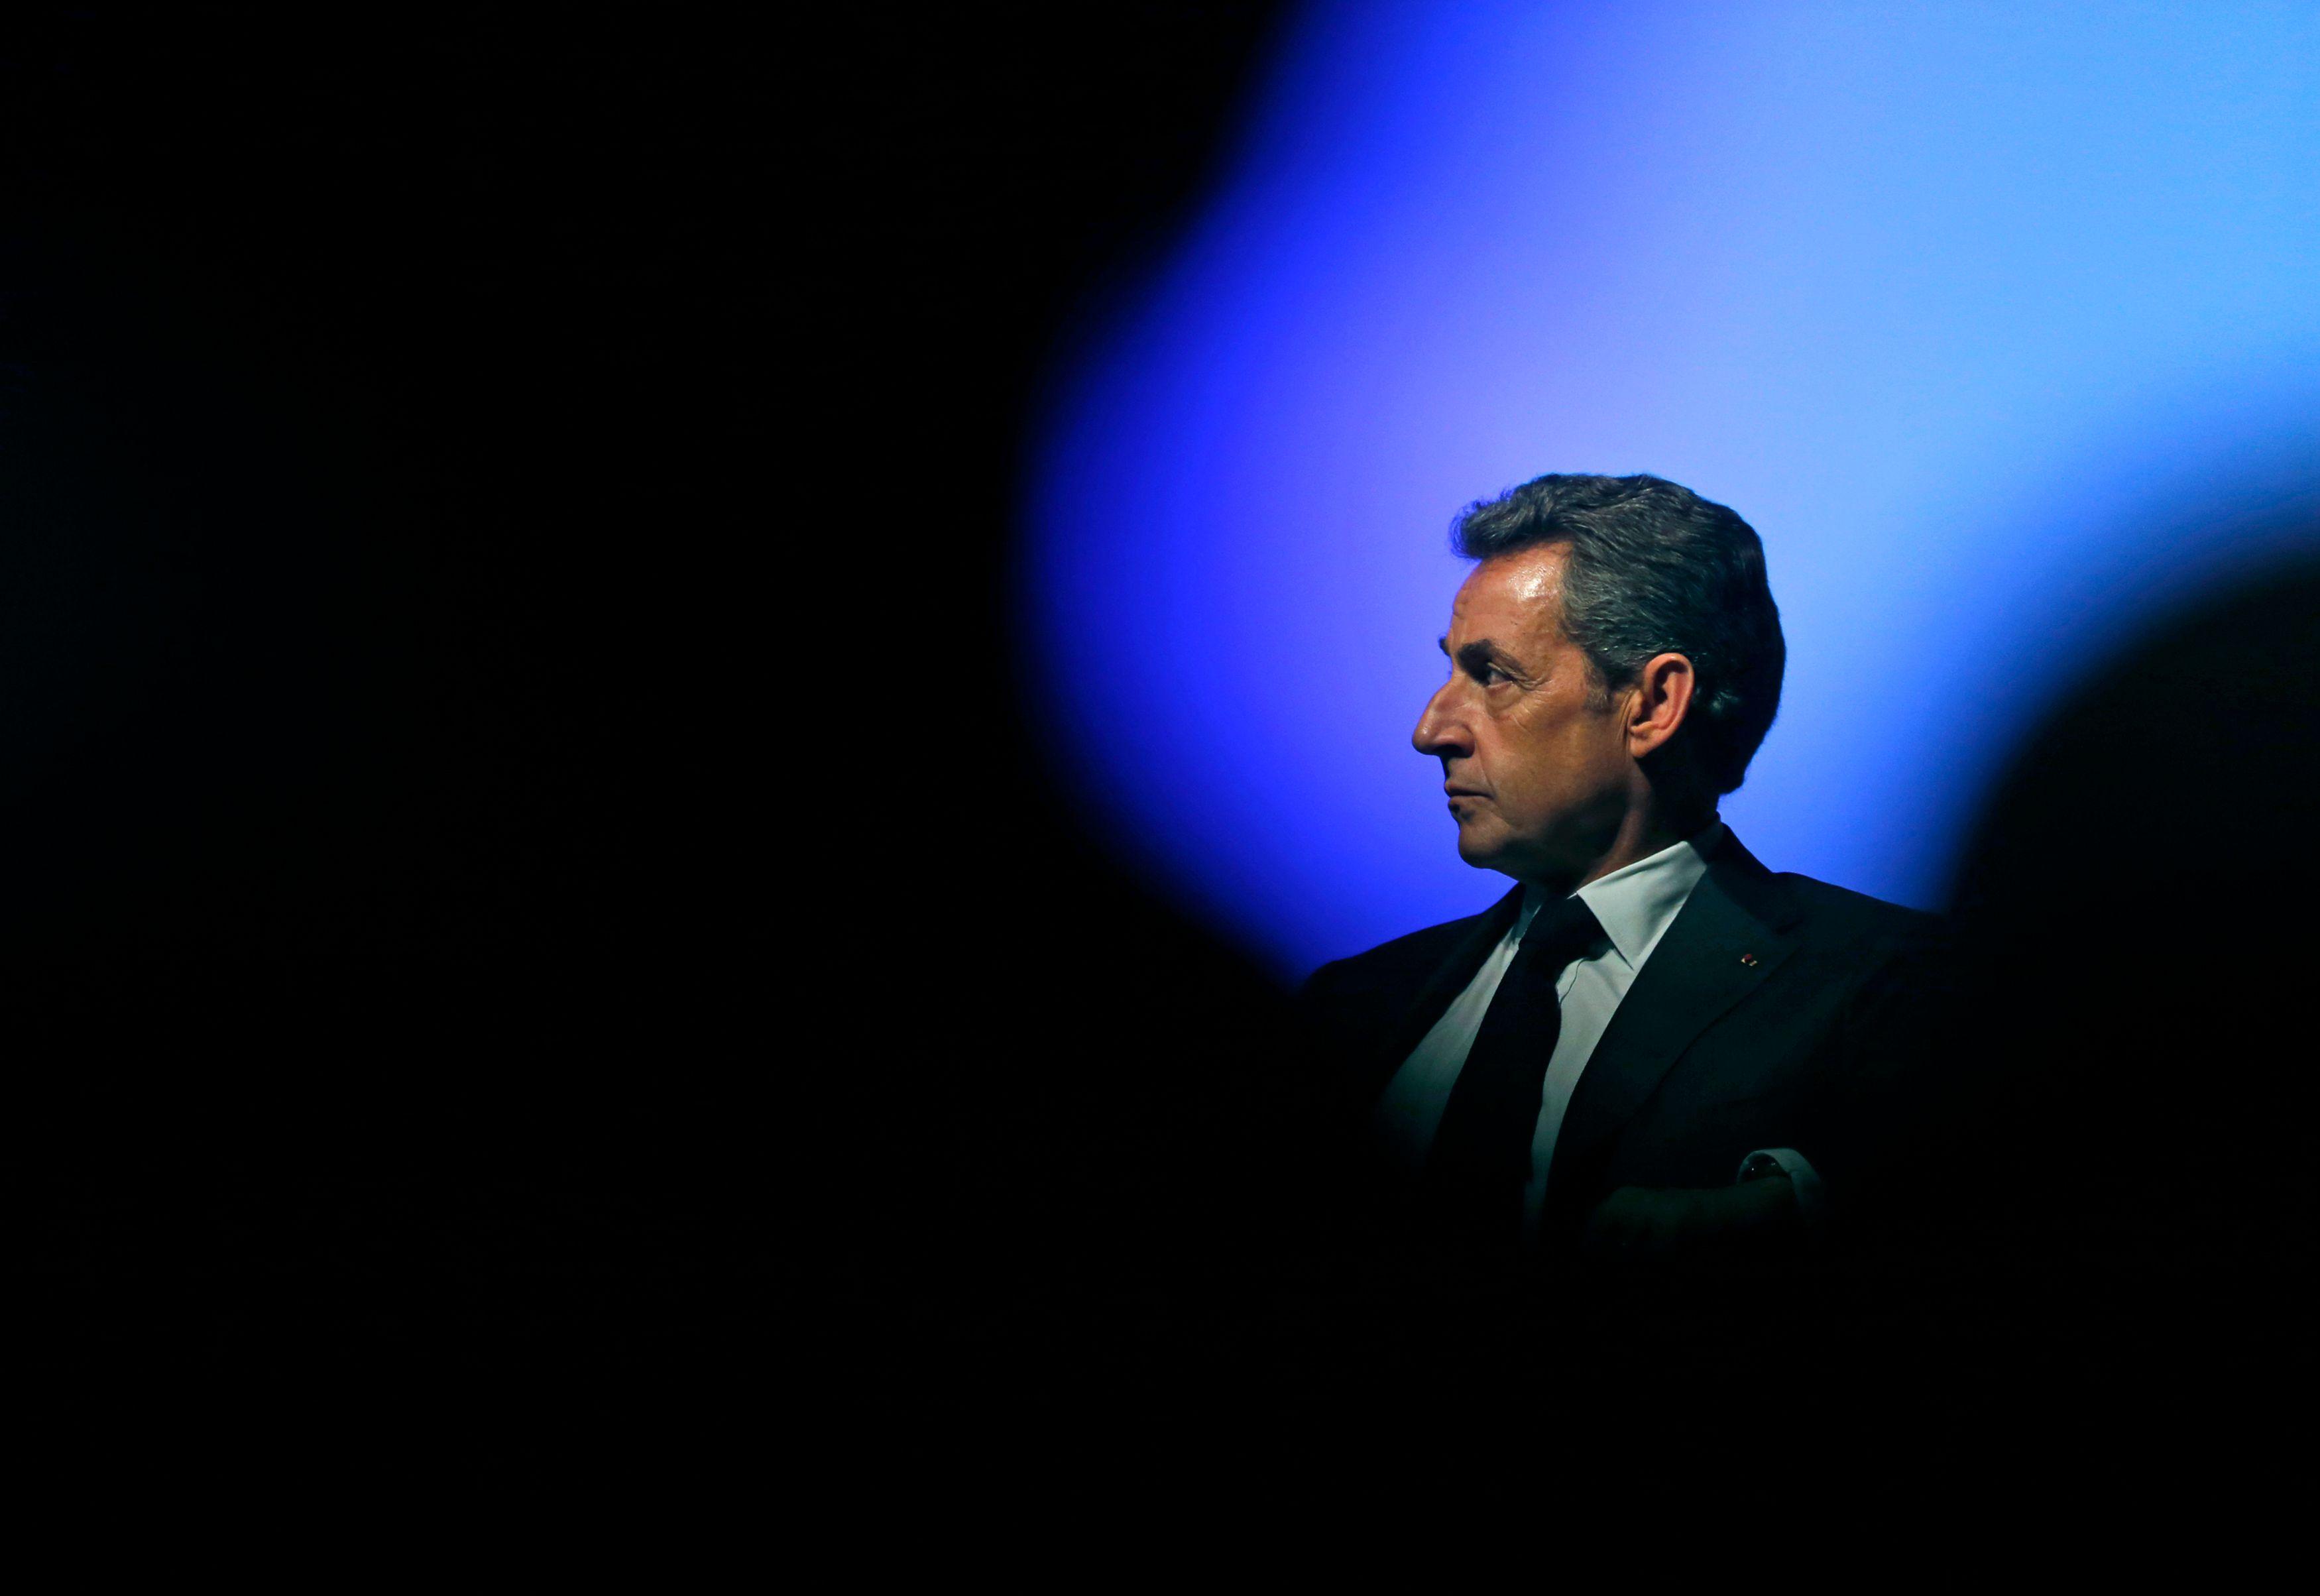 """Nicolas Sarkozy expose ses regrets : """"Quand j'étais président, je n'aurais pas dû parler d'identité nationale"""""""